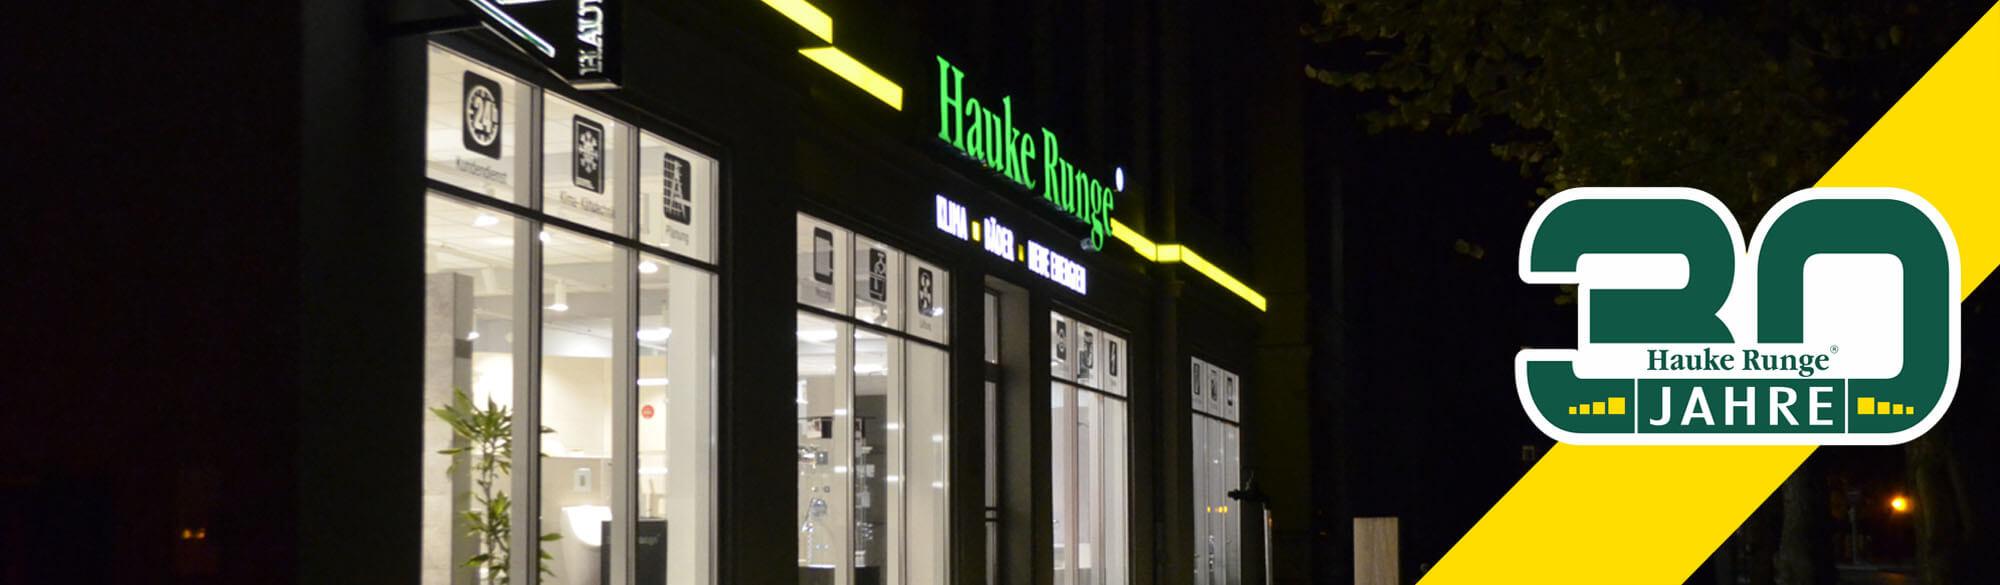 Hauke Runge